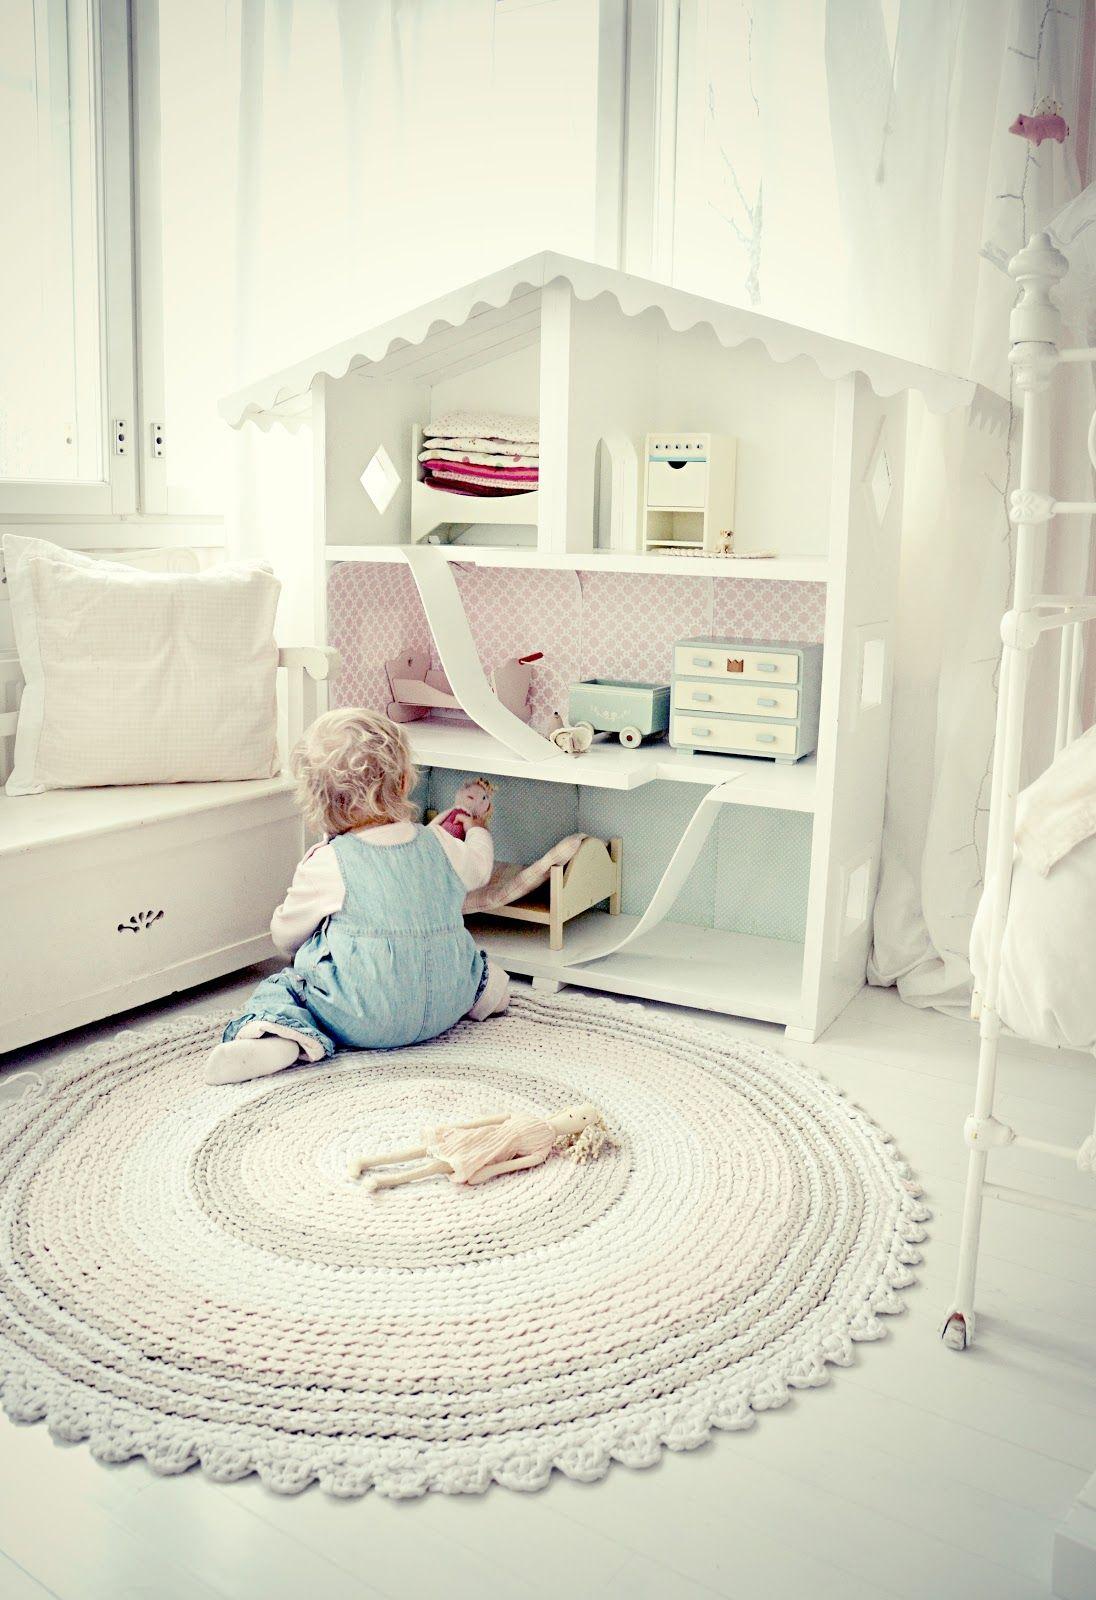 #Kinderkamer #naturel | Kaunis pieni elämä